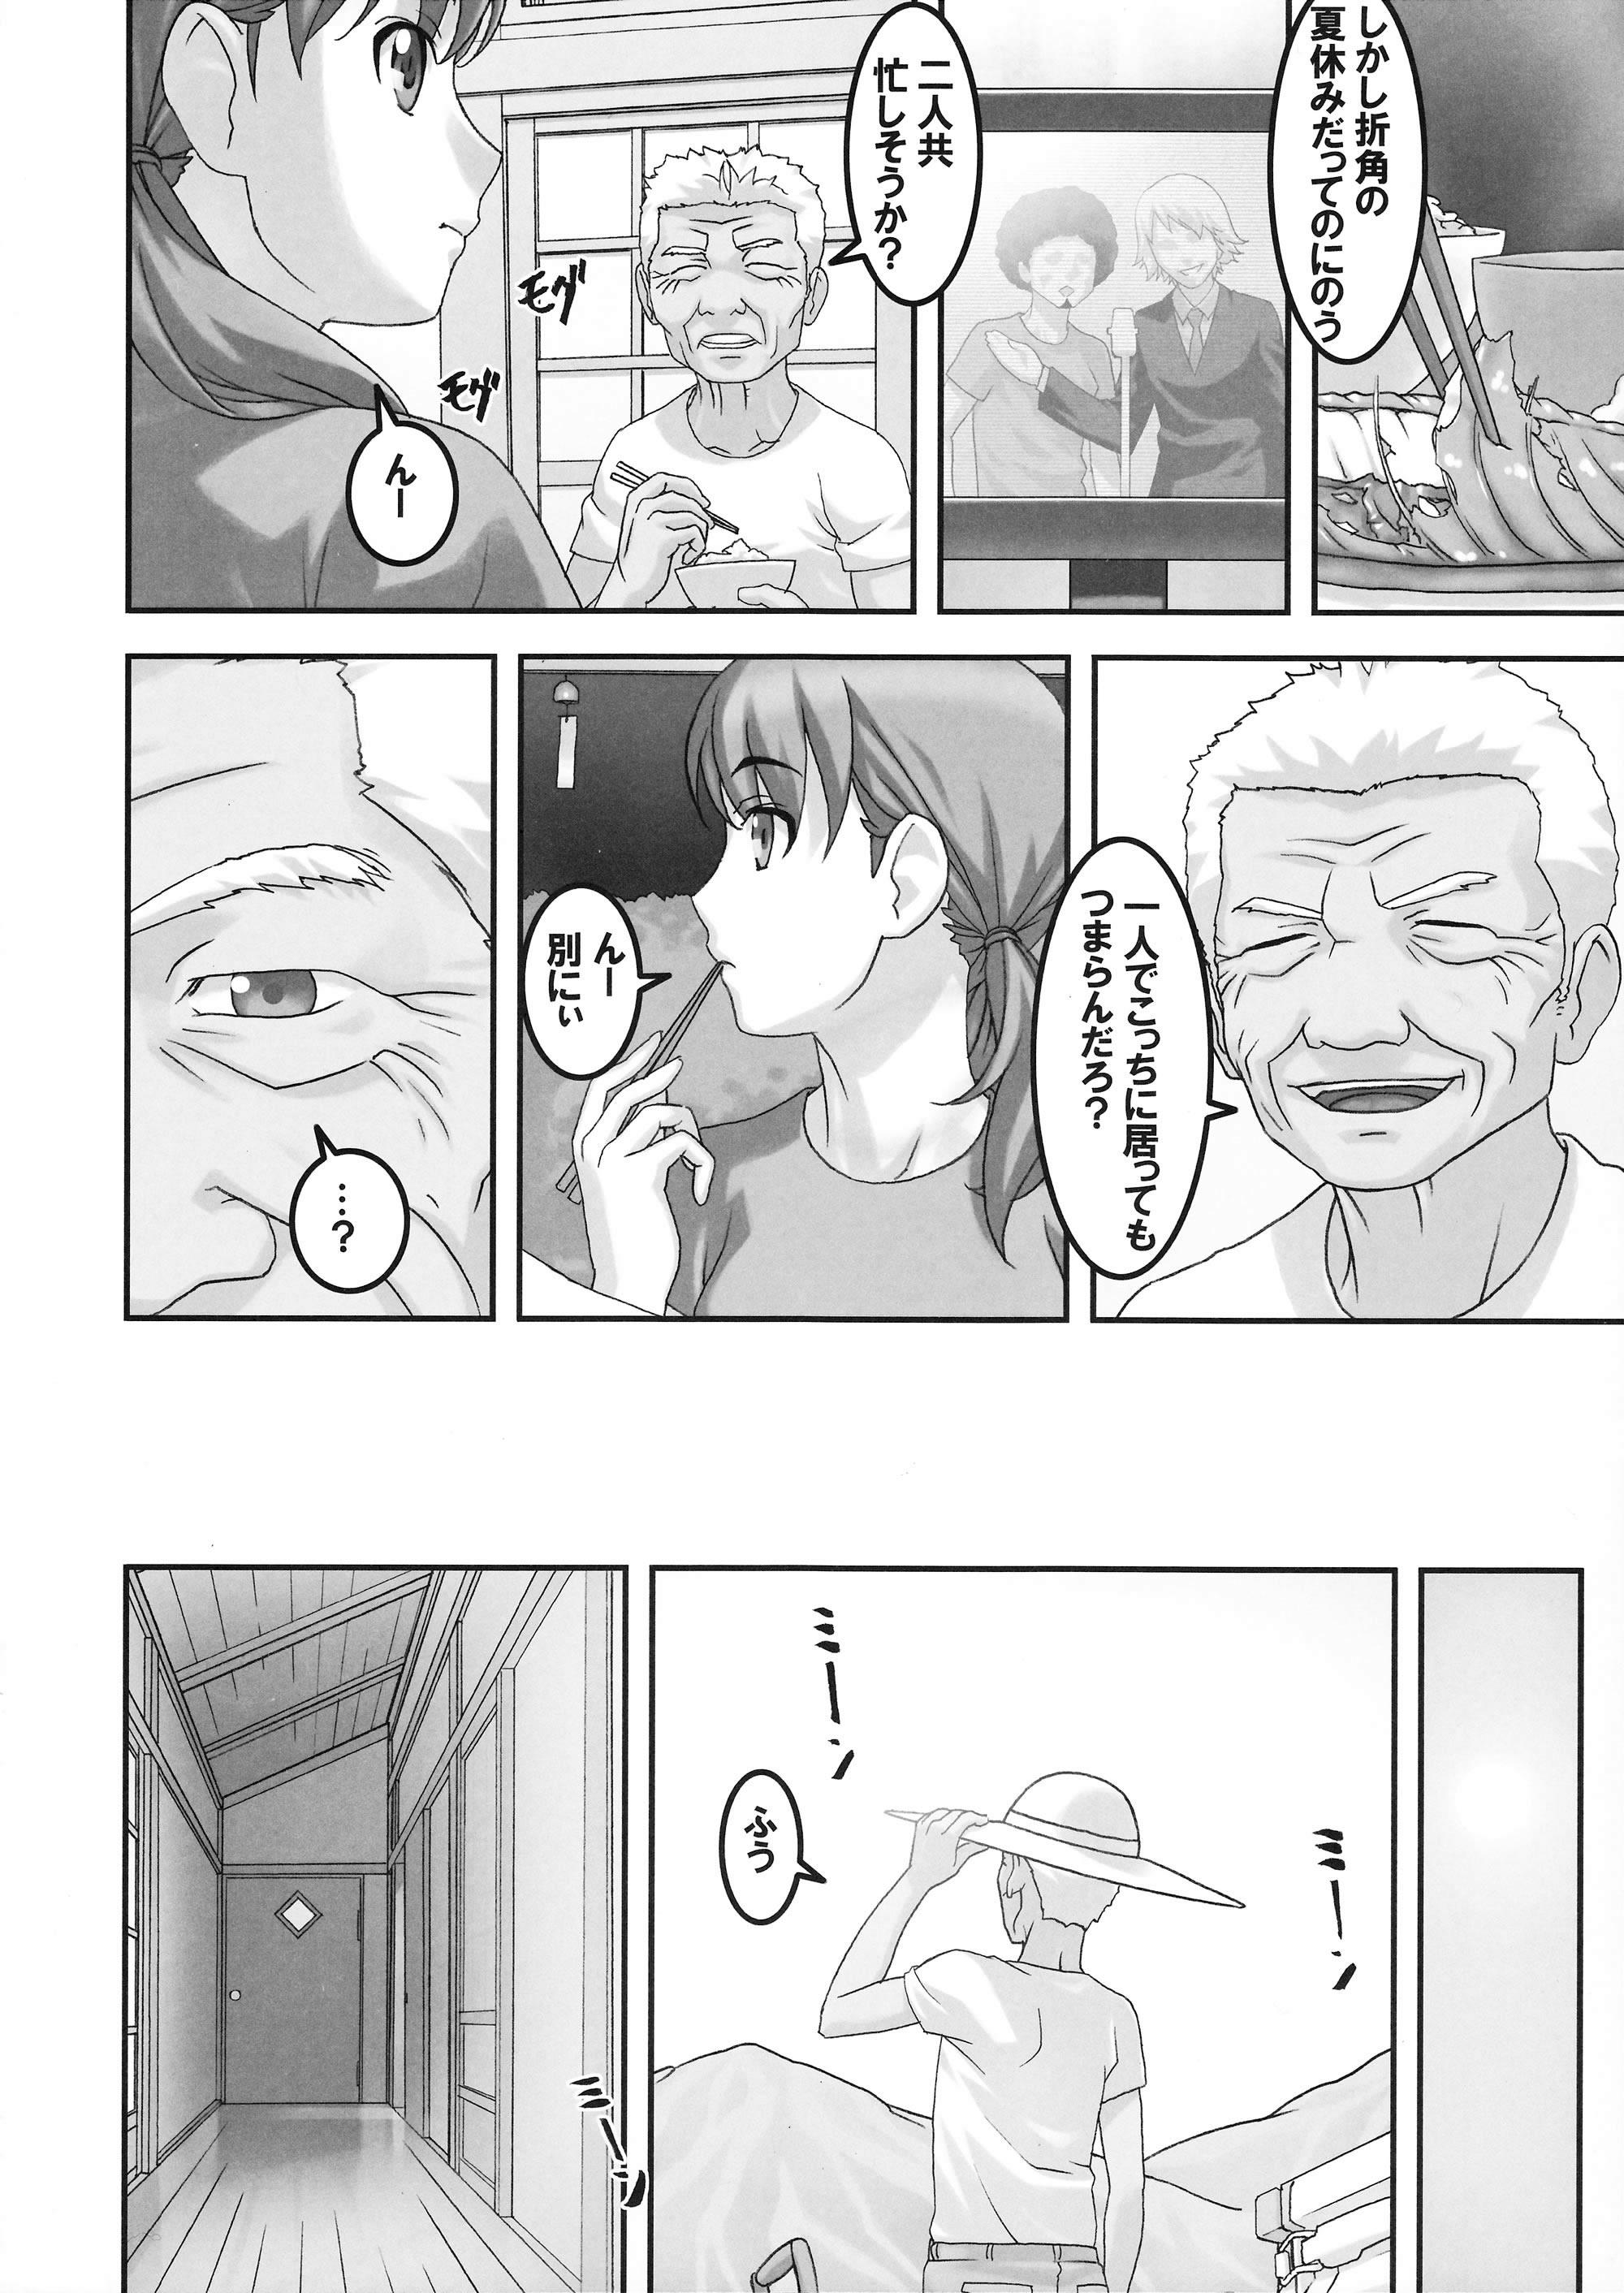 【エロ漫画】自分で自分を縛ってオナニーするドM幼女www祖父とSMプレイでセックスまでしちゃうww【無料 エロ同人誌】 (7)